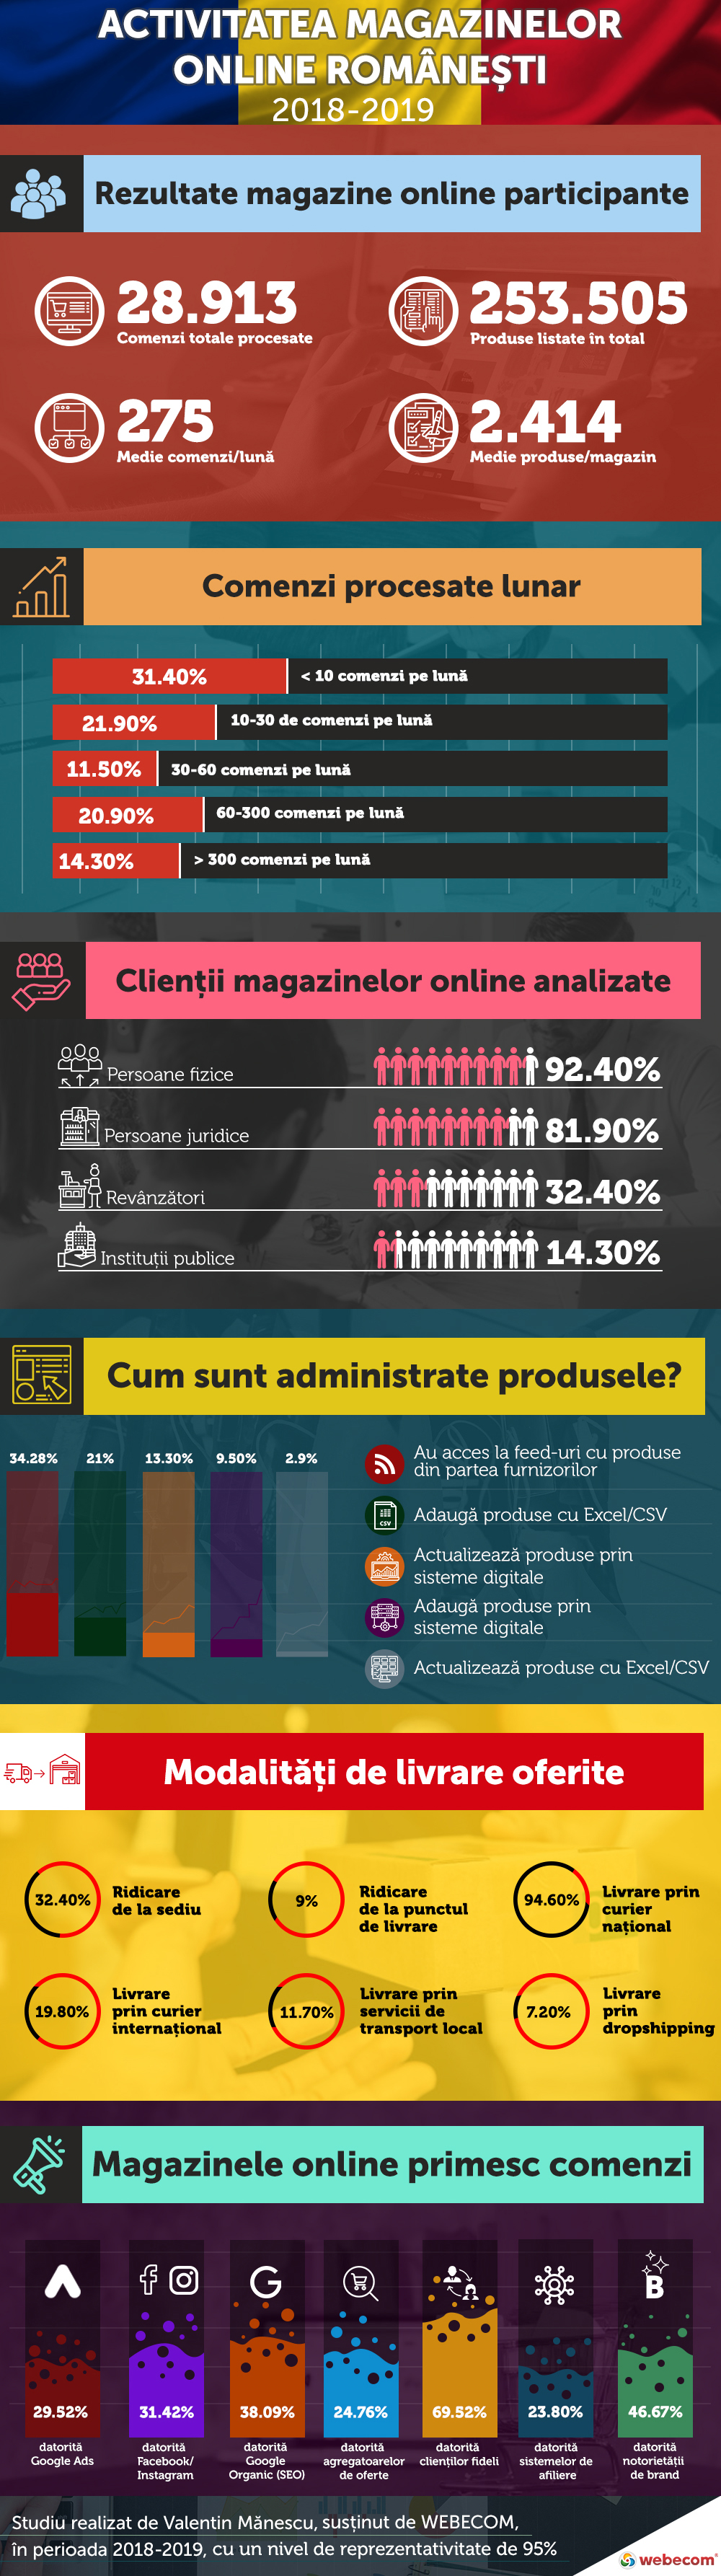 Activitatea magazinelor online românești în perioada 2018-2019